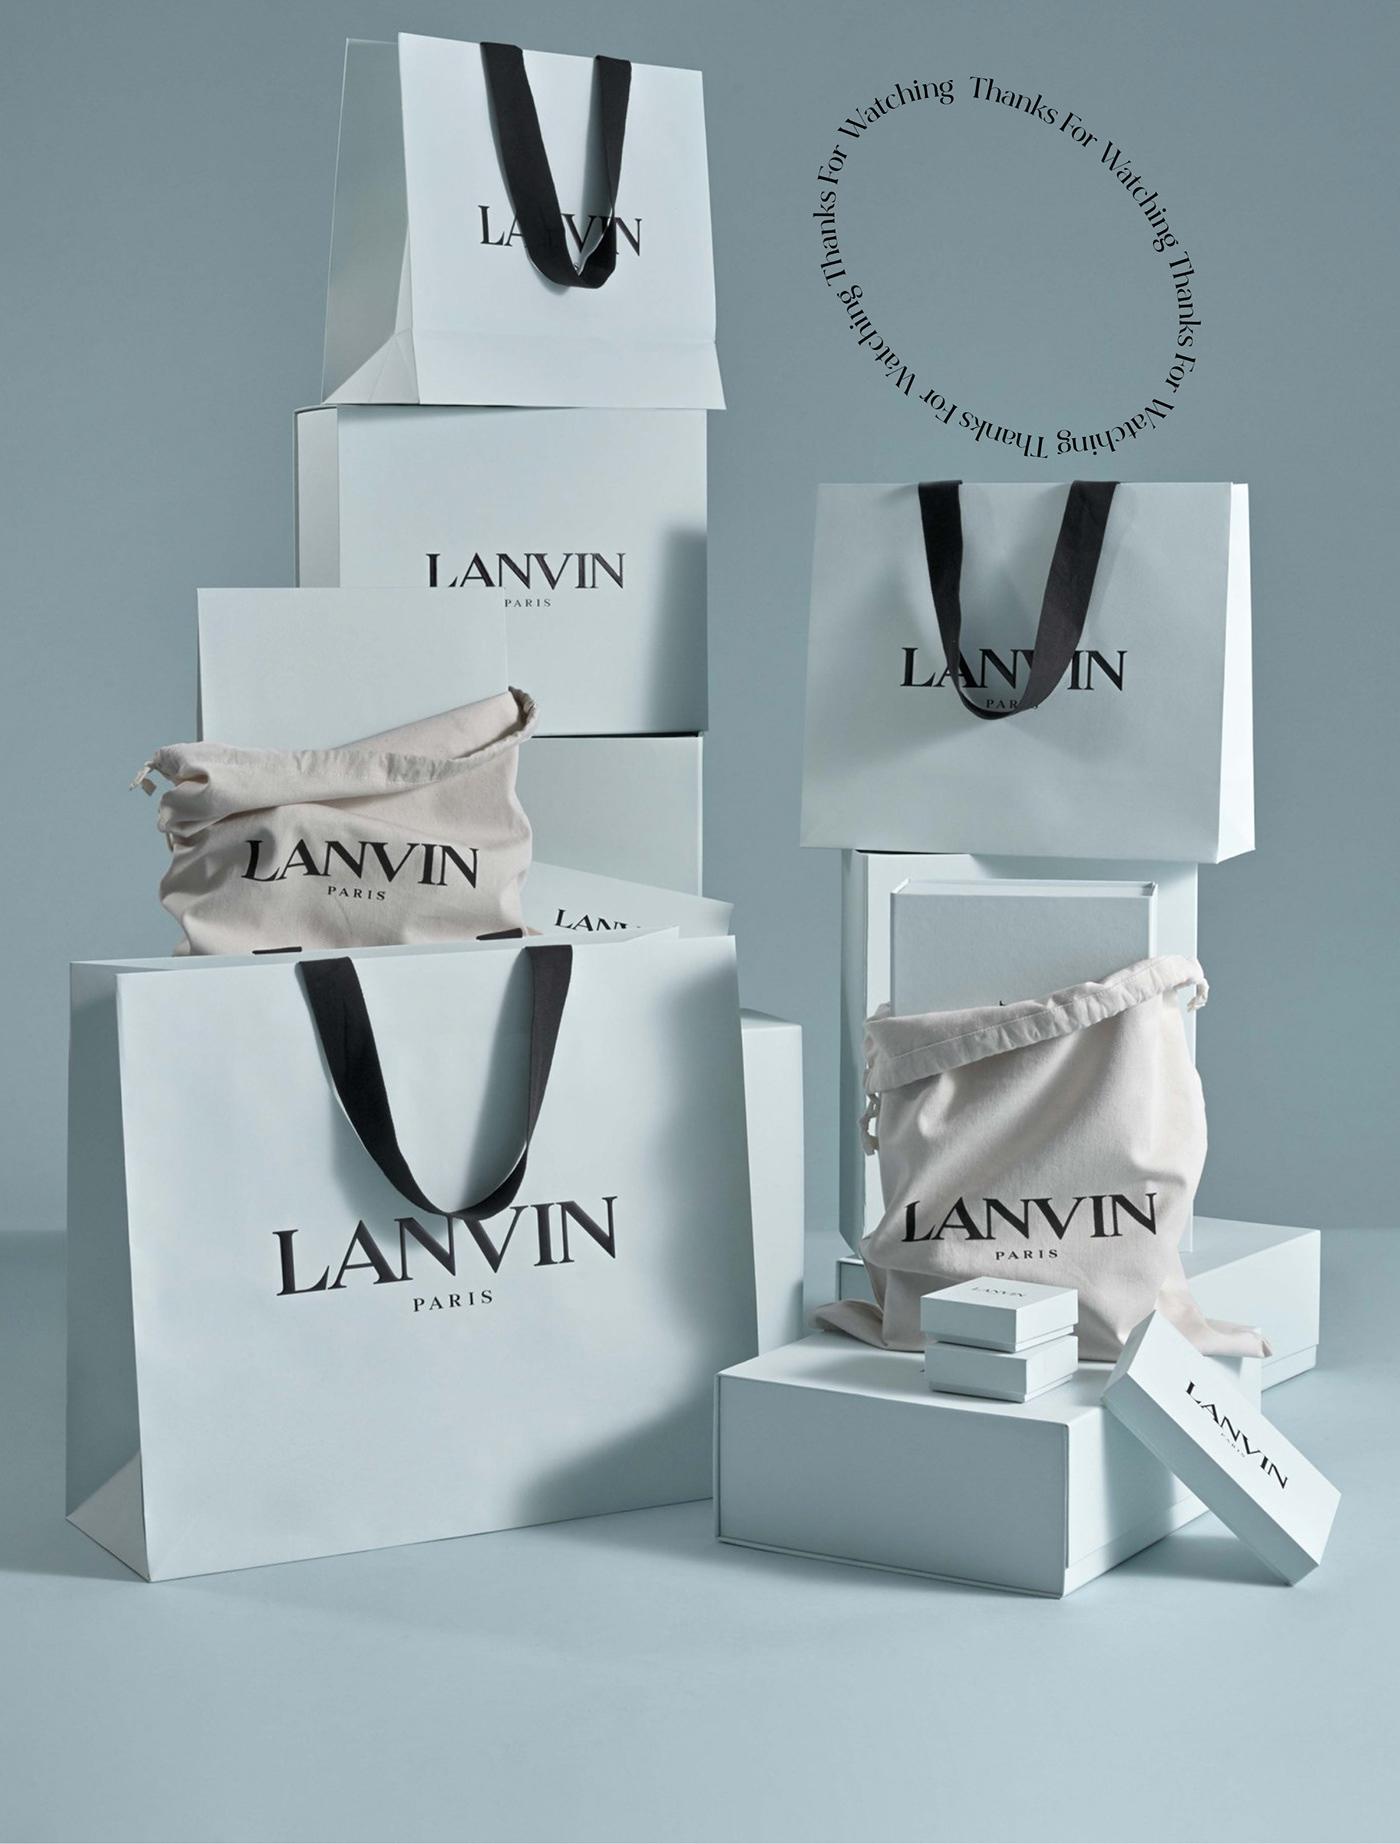 concept design Fashion  landing page LANVIN ui design Web Design